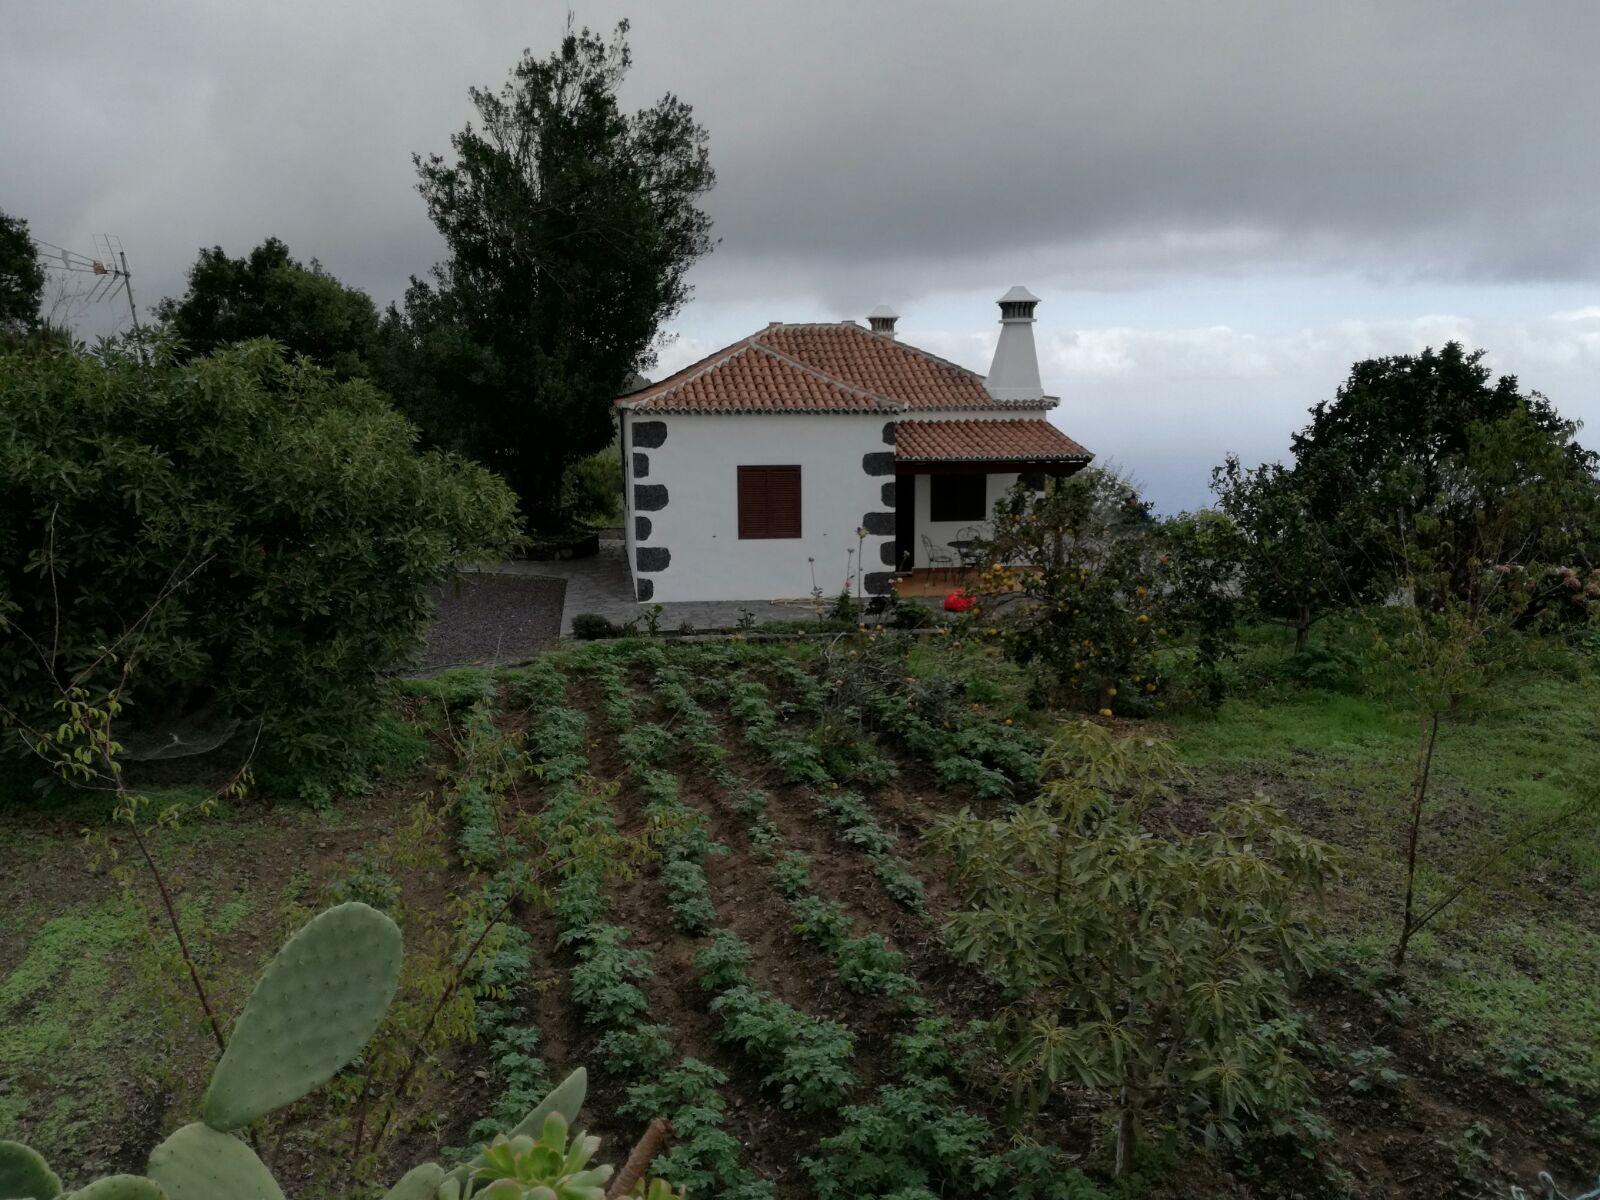 Venta casa de campo los llanos de aridane santa cruz de tenerife islas canarias espana mazo - Casas de alquiler en los llanos de aridane ...